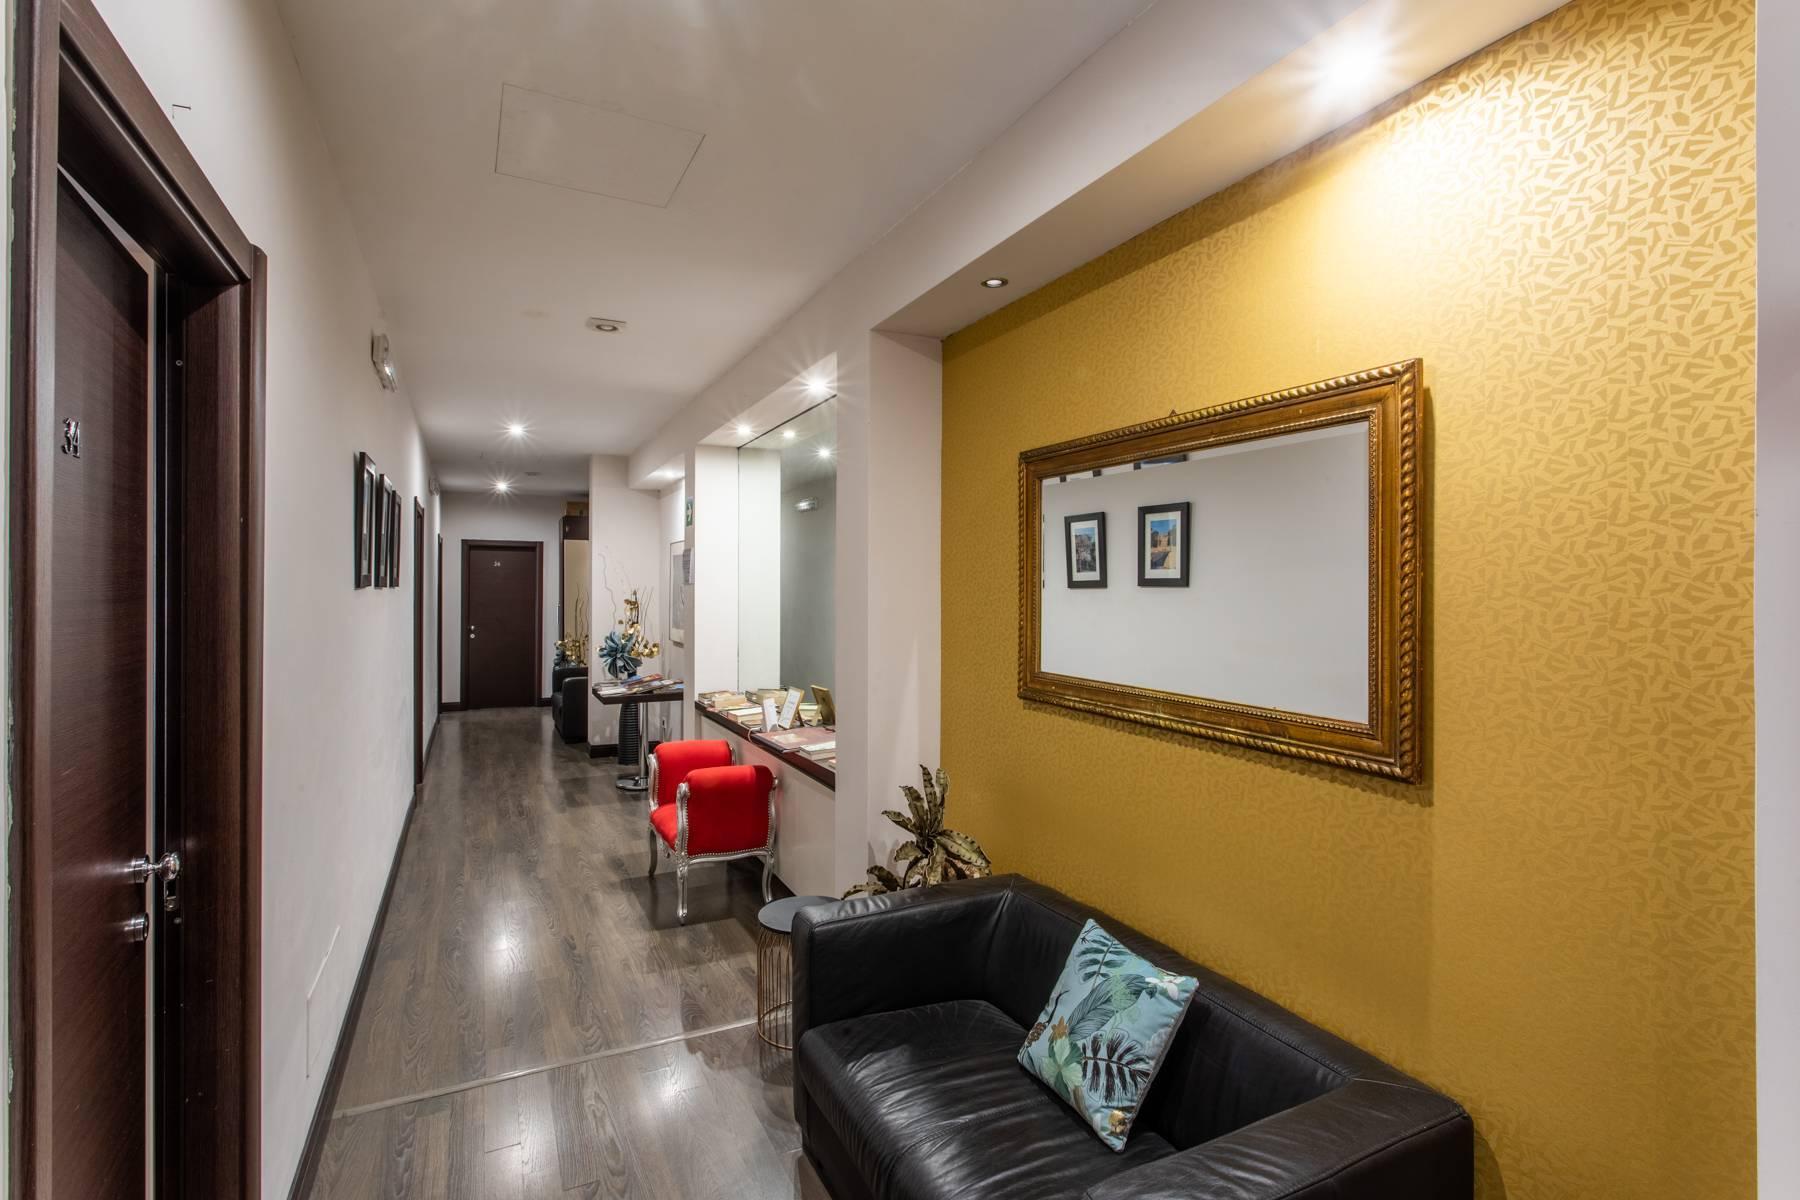 Appartamento dal design moderno a pochi passi da piazza del Popolo - 6